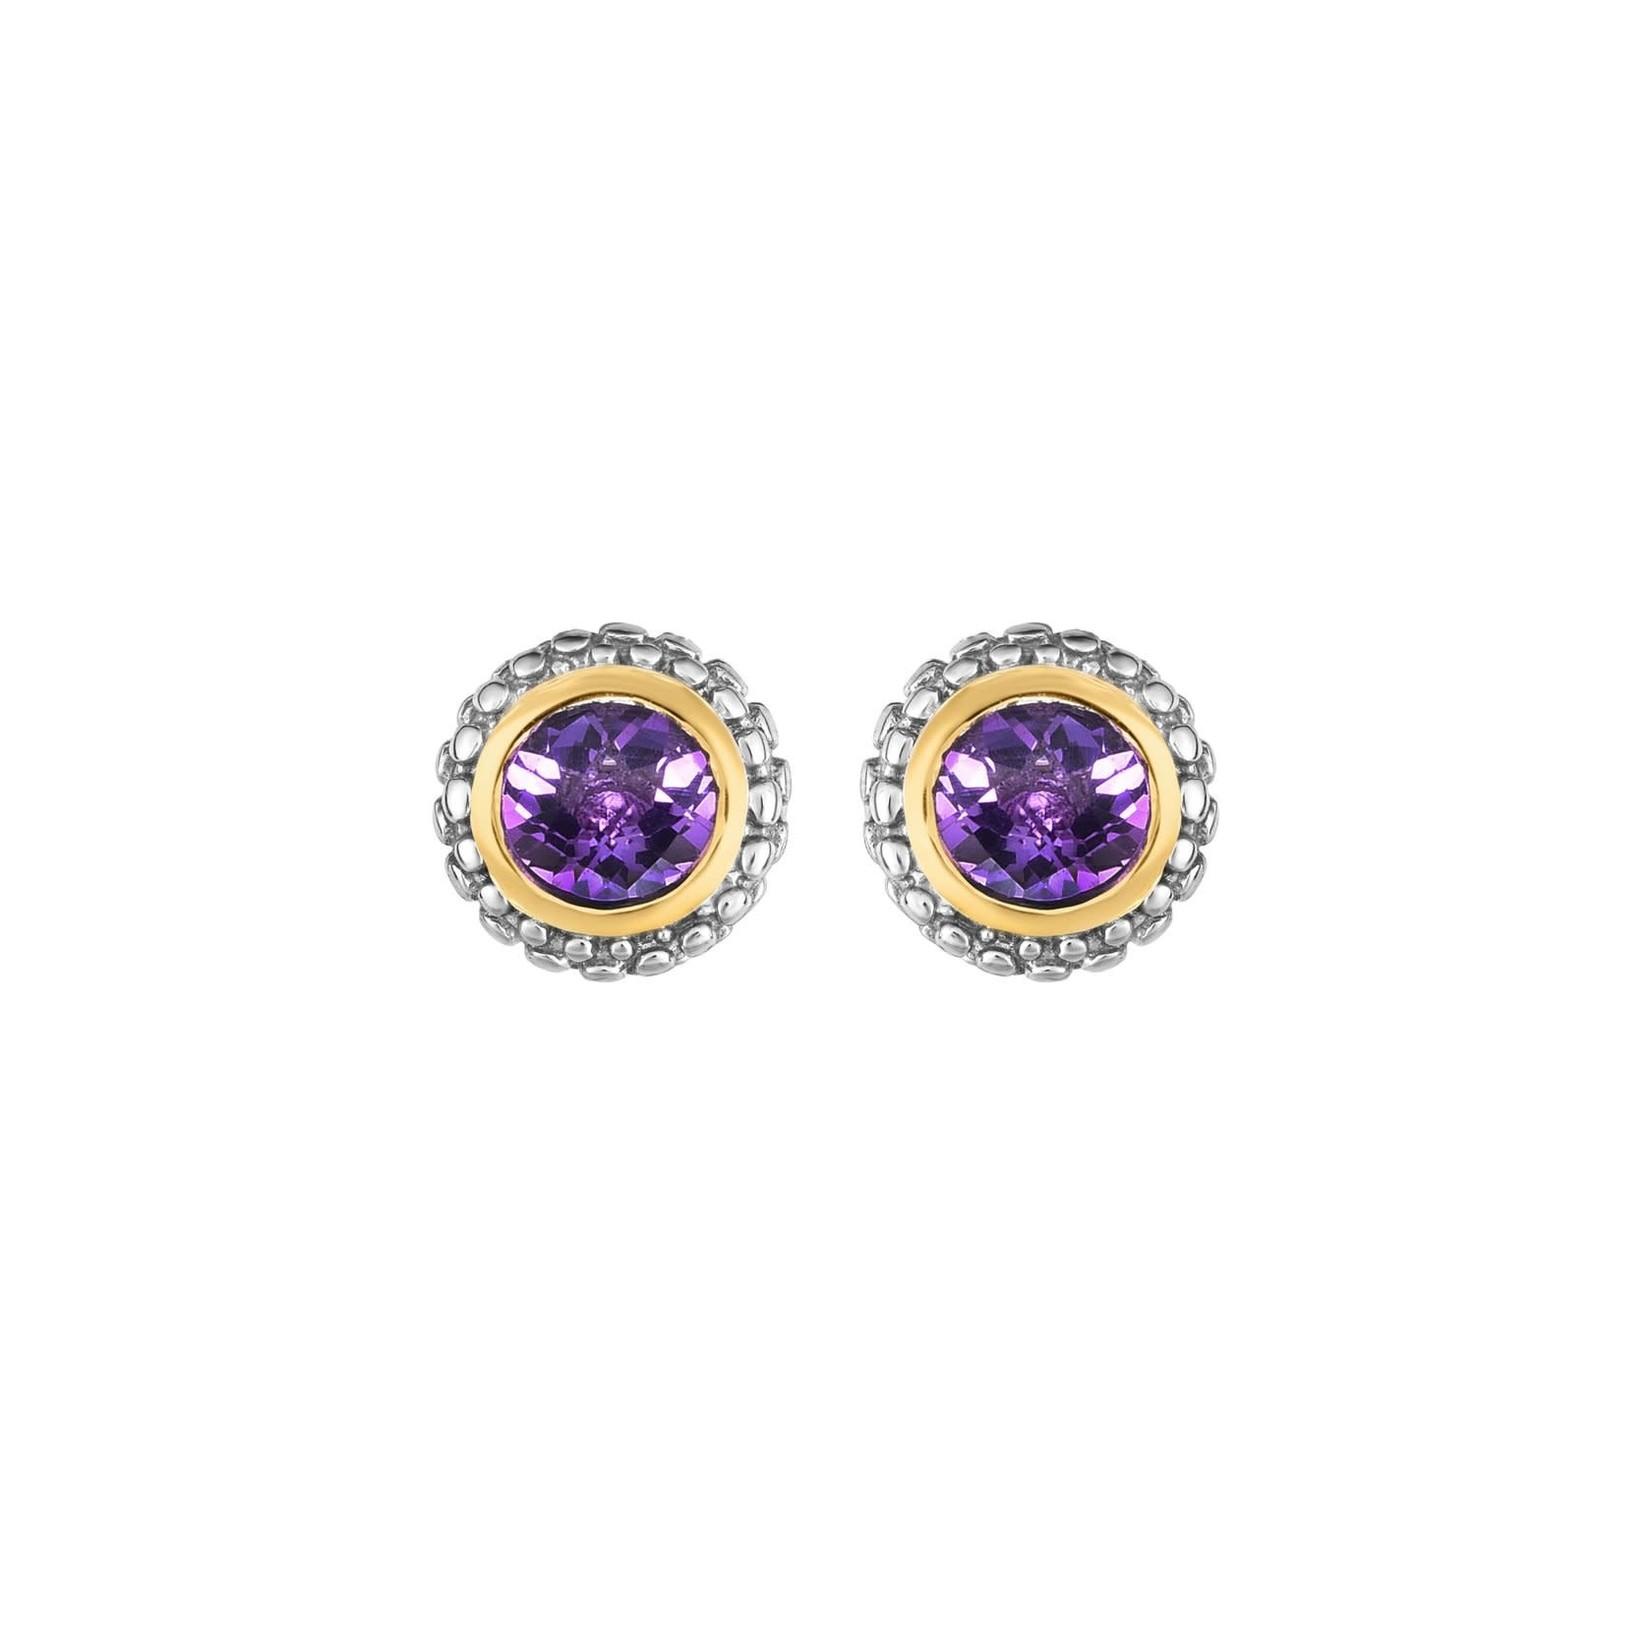 Sterling Silver 18K Gold Amethyst Stud Earrings